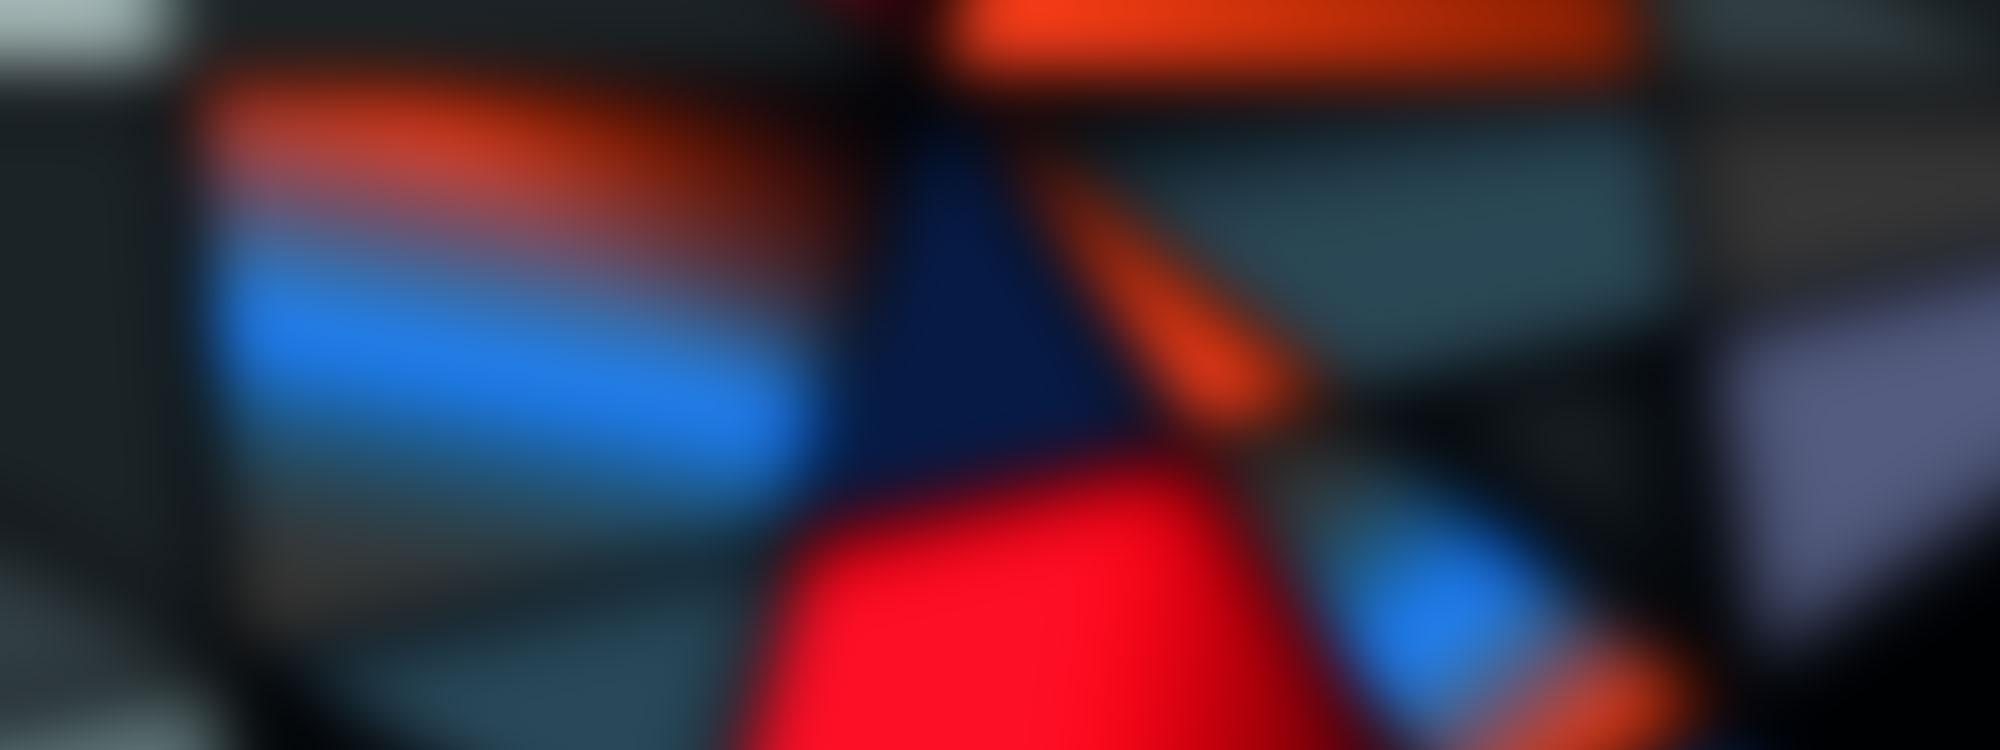 Store_Banner_Background_Blur_01